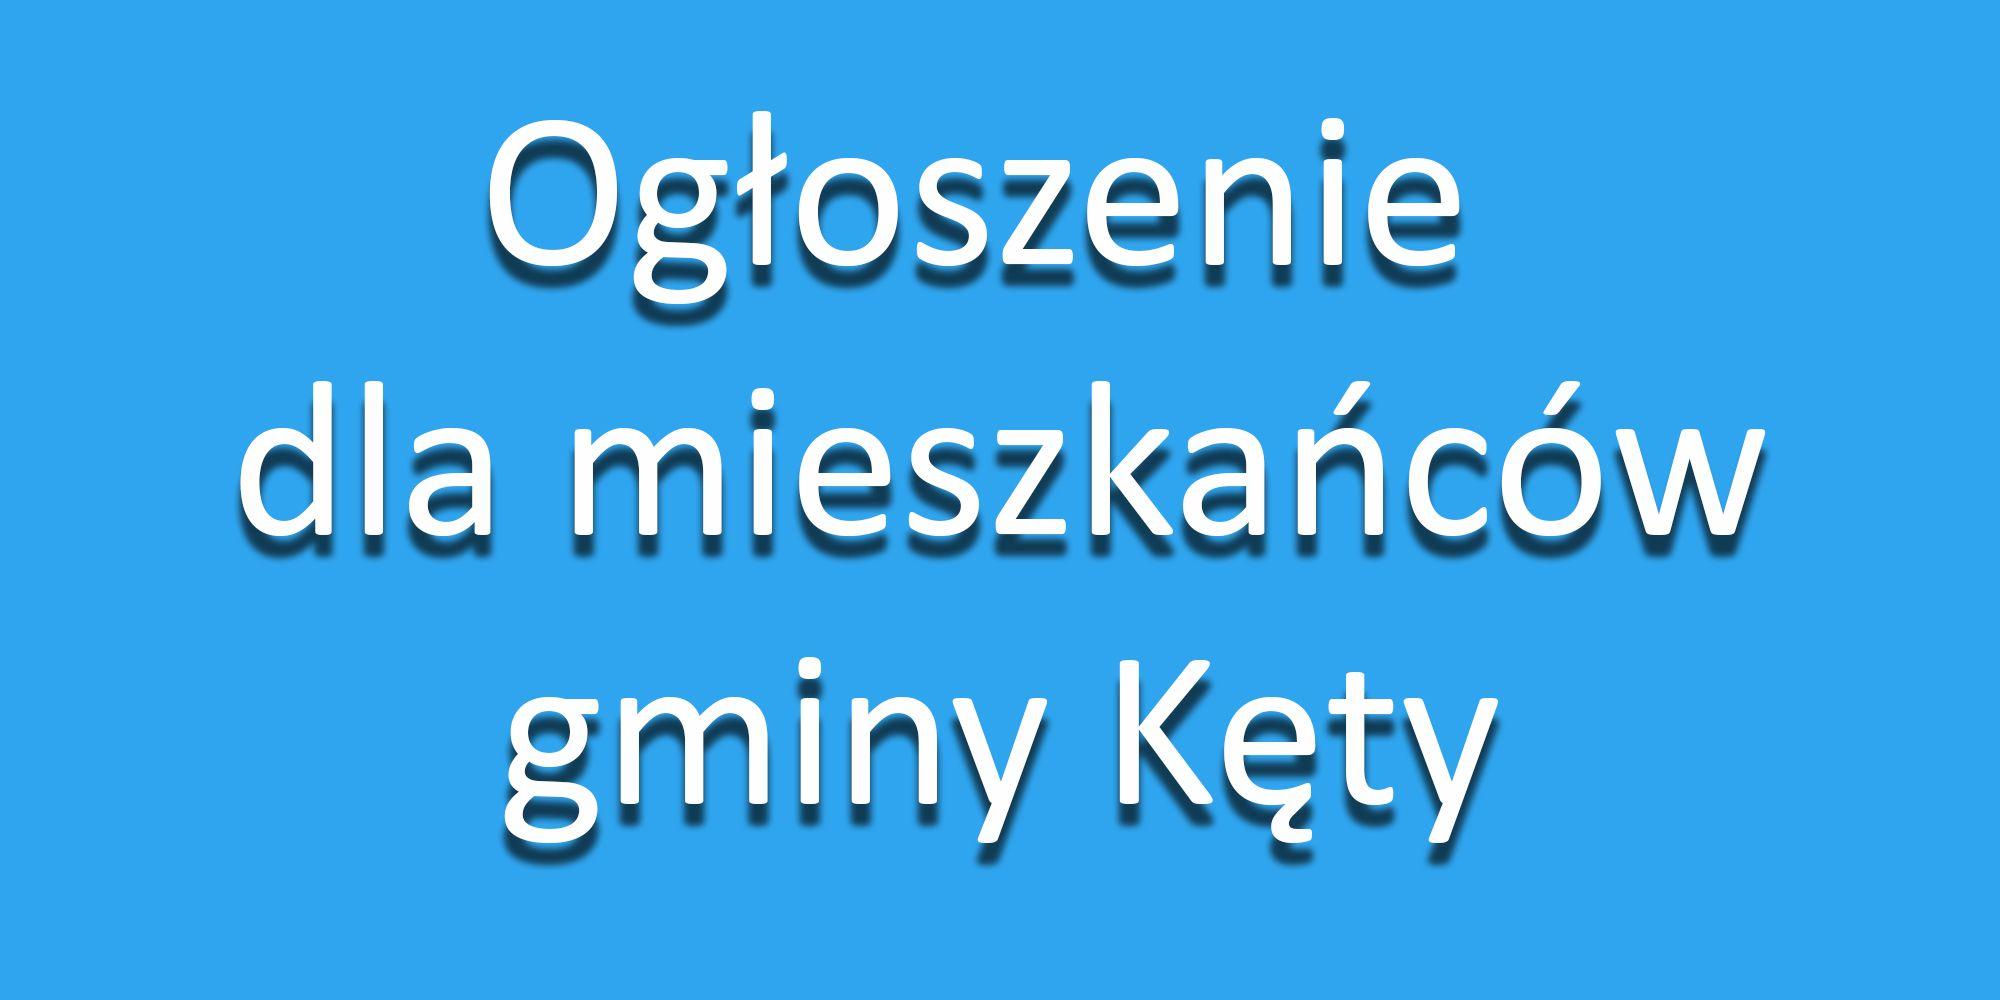 Ogłoszenie dla mieszkańców gminy Kęty